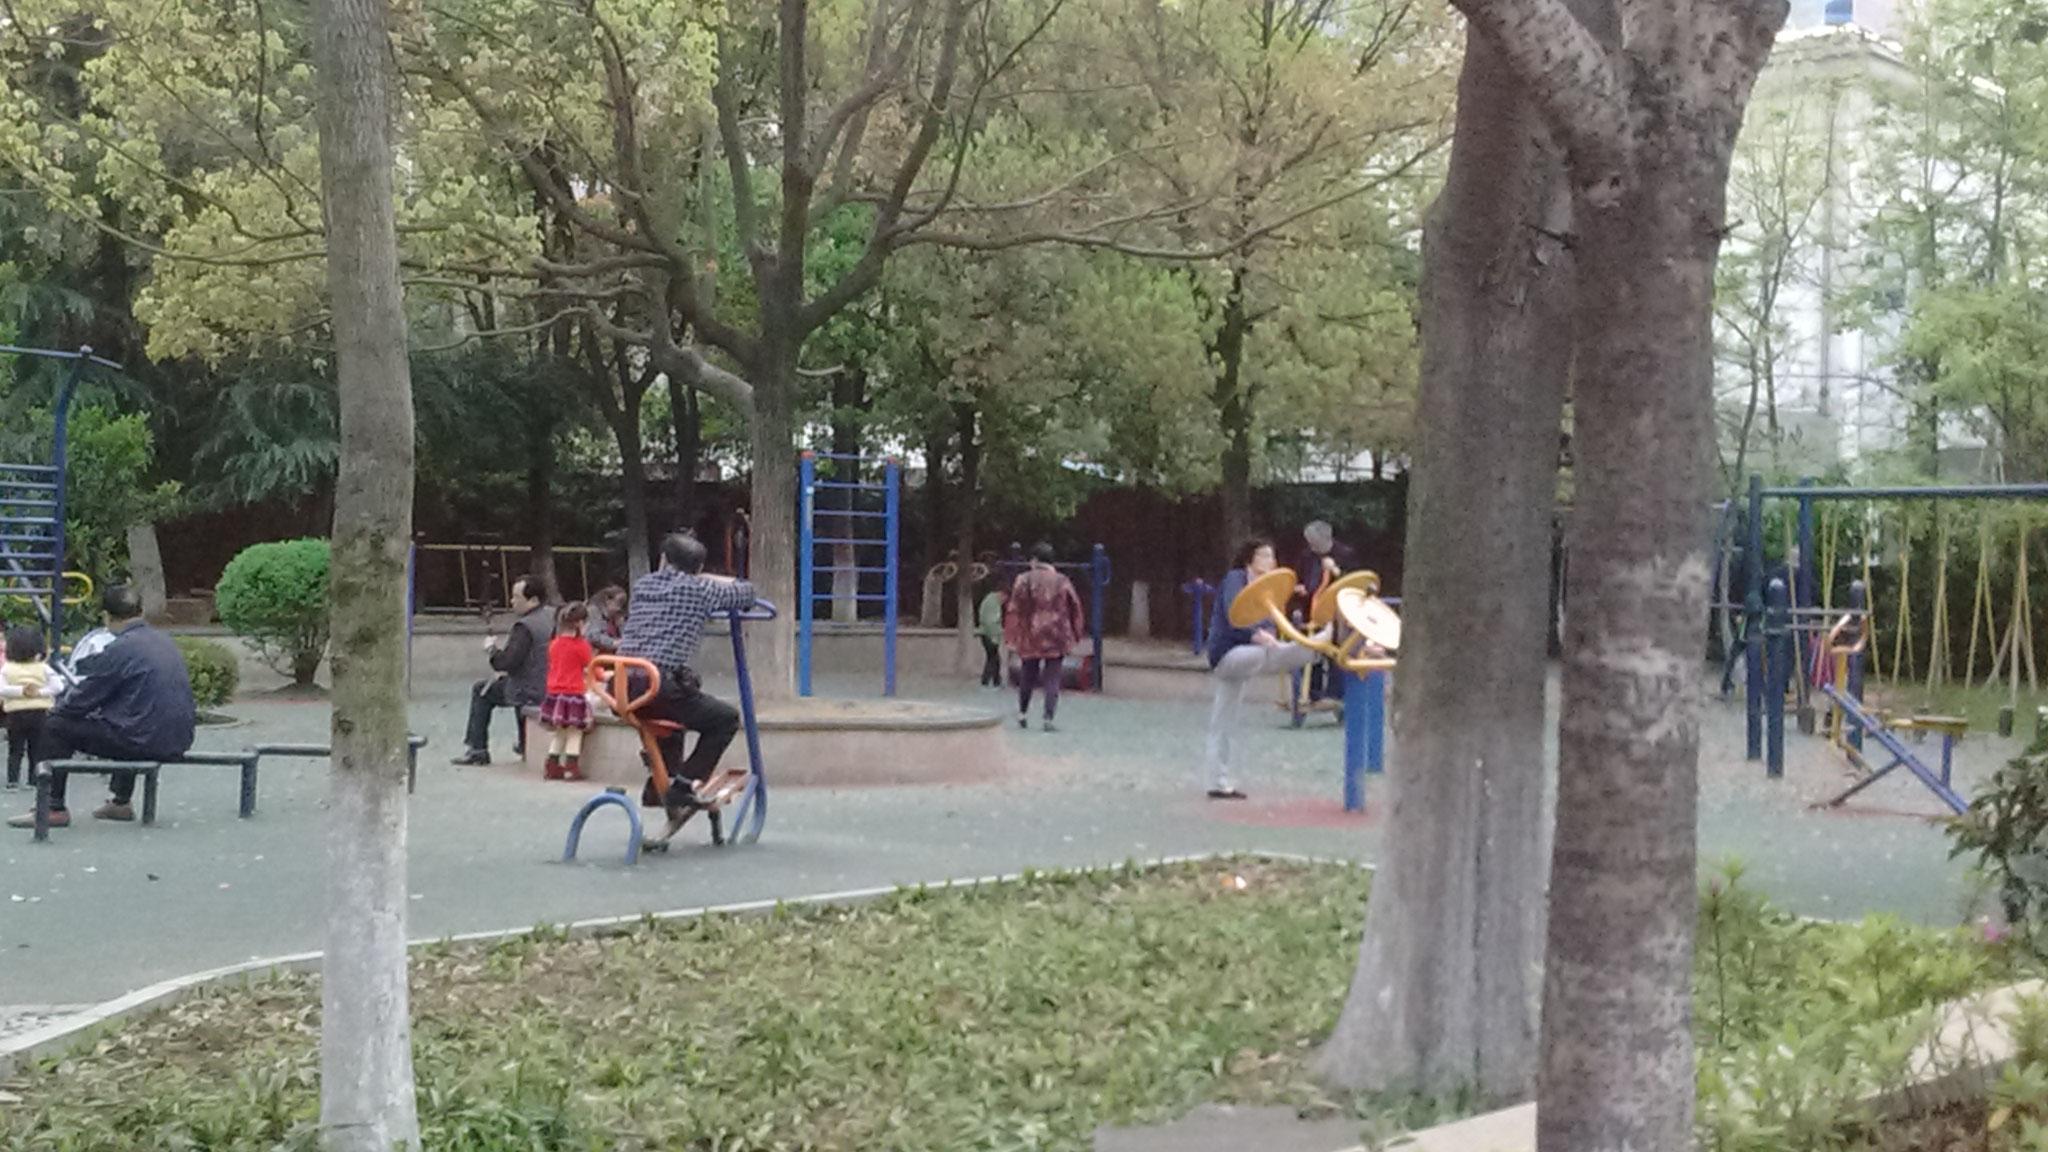 Zhuzhou - Spielplätze werden von Großen und Kleinen gleichermaßen genutzt.